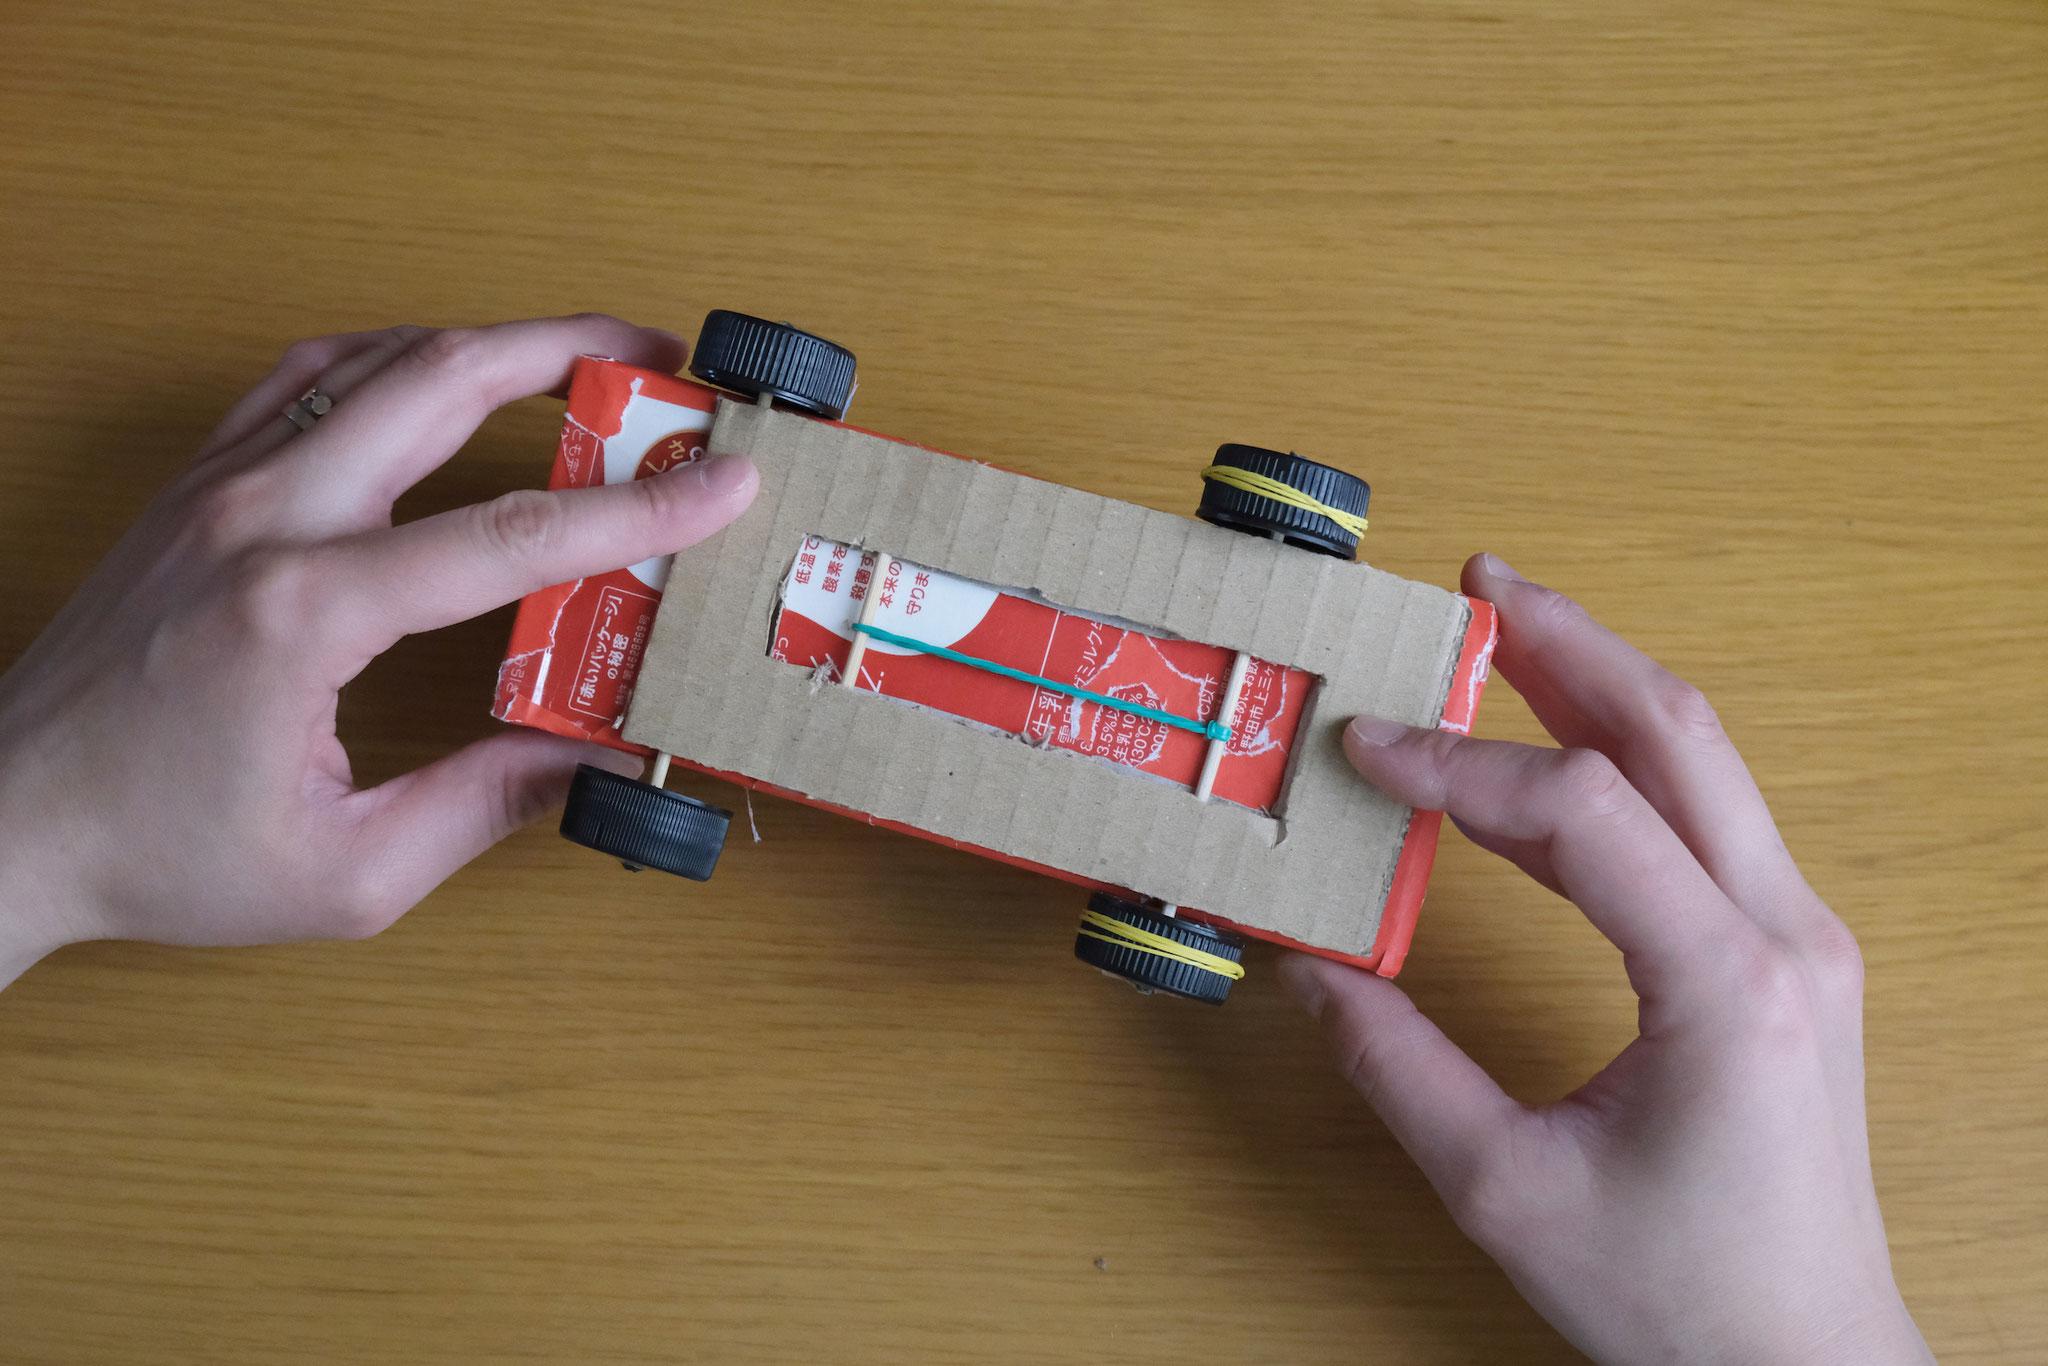 (15)モーターを両面テープや接着剤などで車体の裏に固定する。*前輪後輪の方向を間違えないように注意してください!